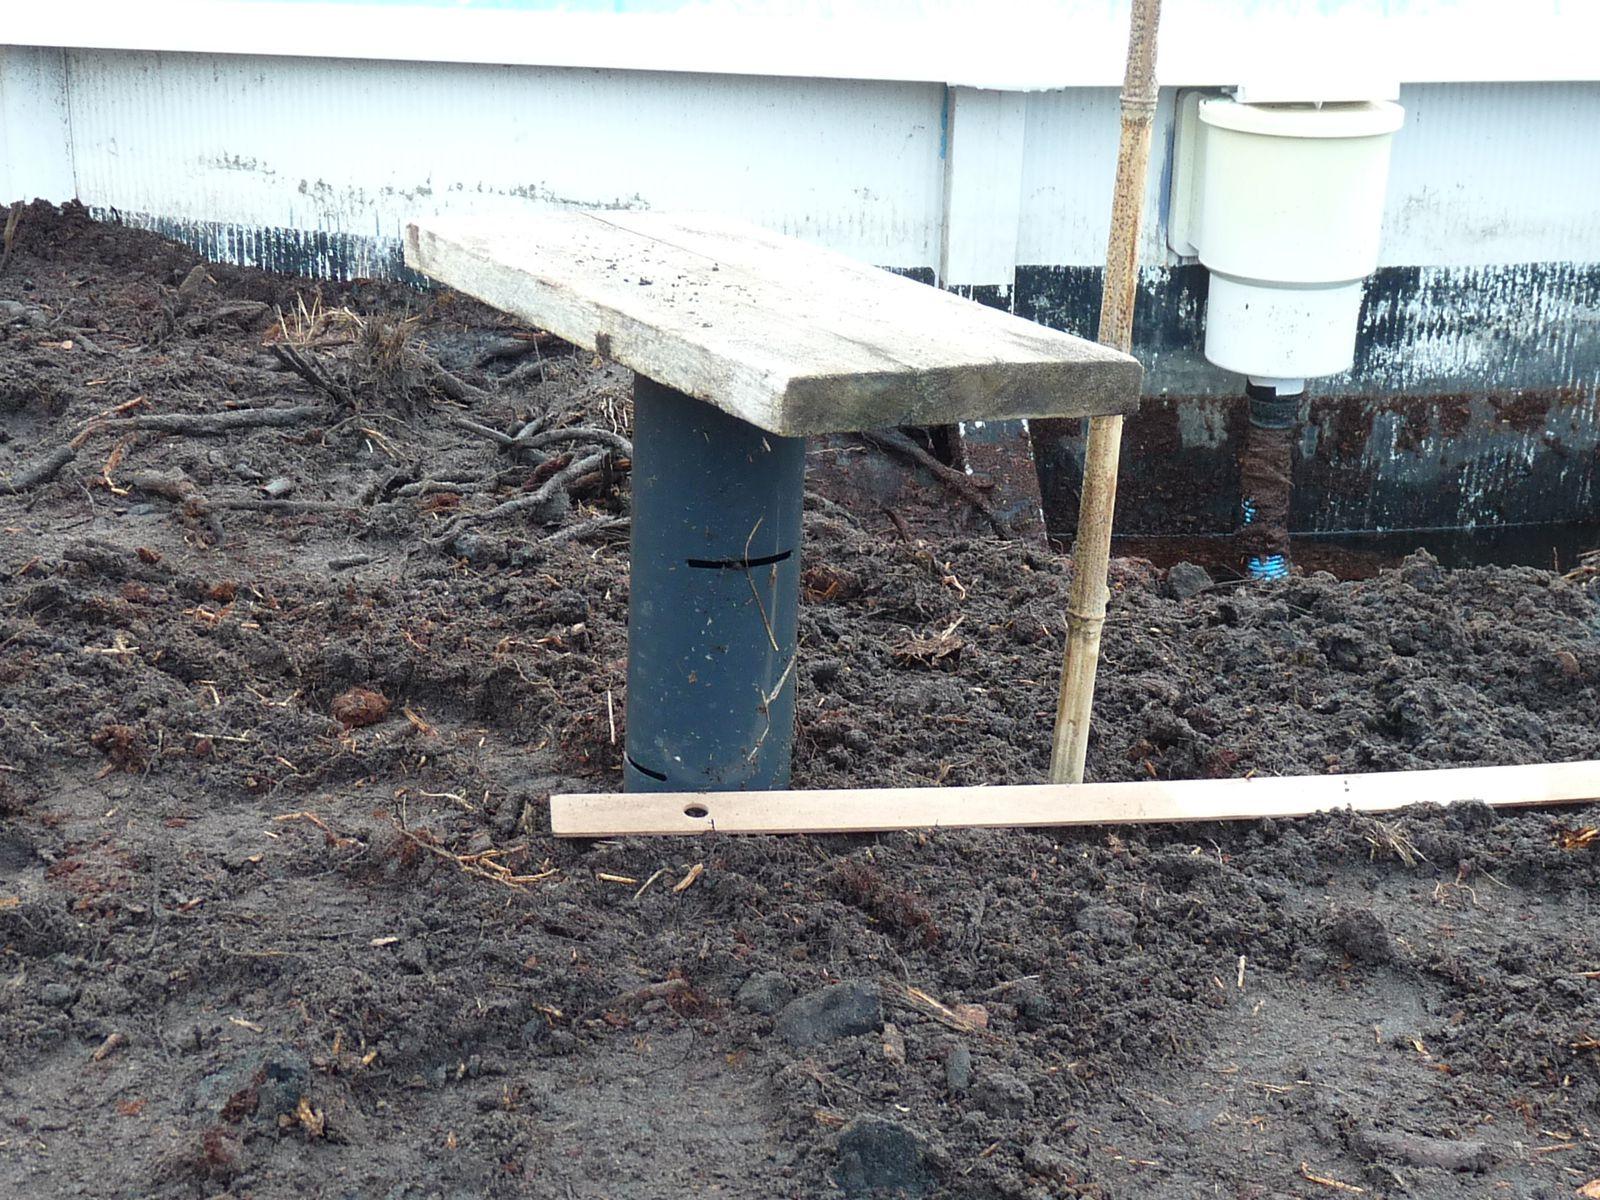 Barri re de protection pour piscine monjardindansleslandes - Barriere de protection piscine ...